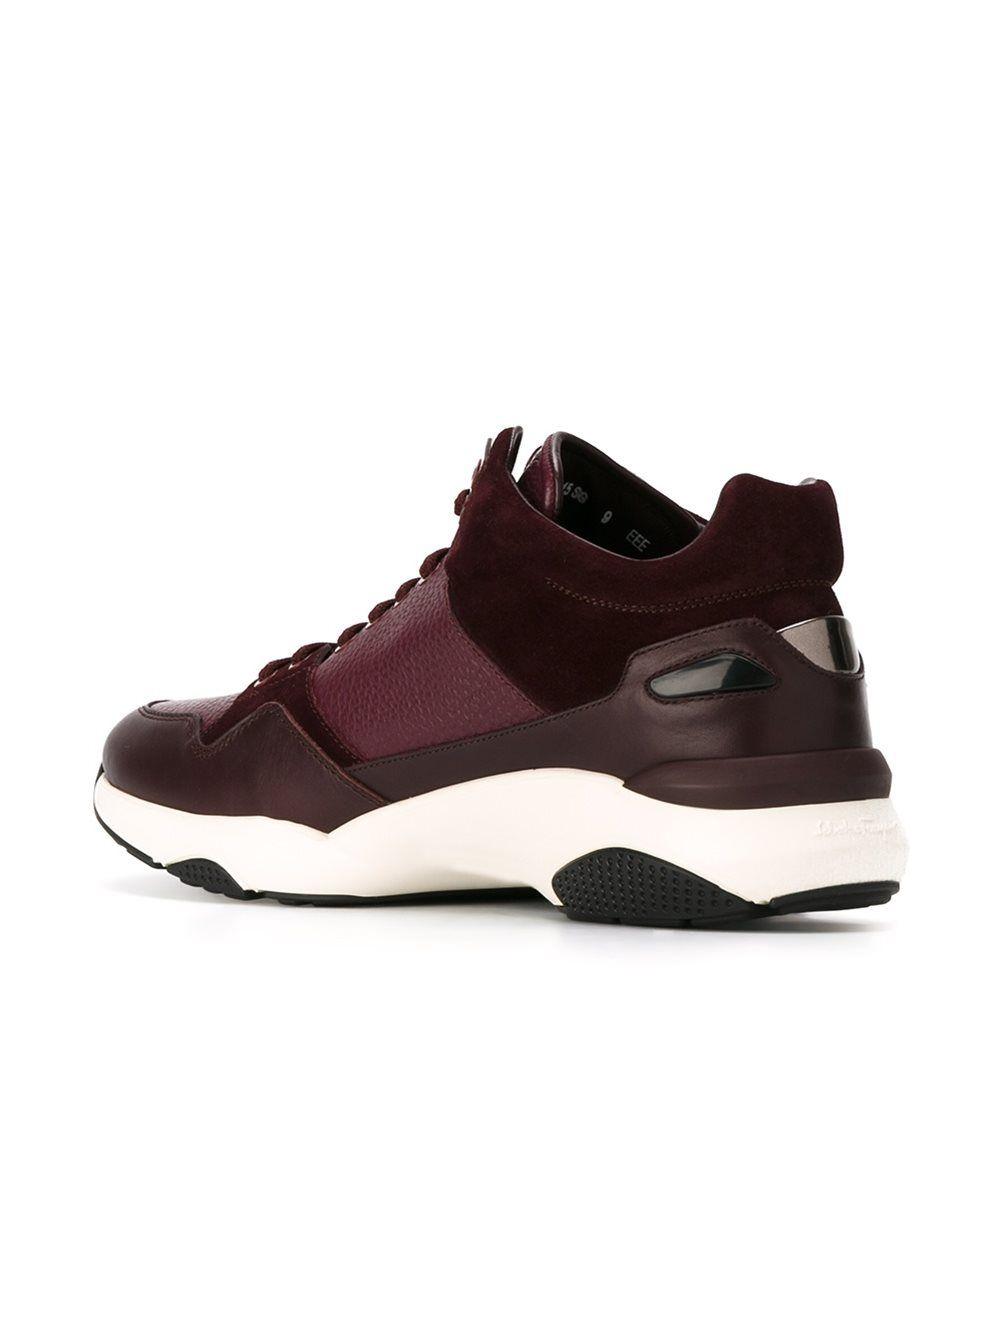 Skechers Men's Edmen Ristone Memory Foam Lace Up Sneakers